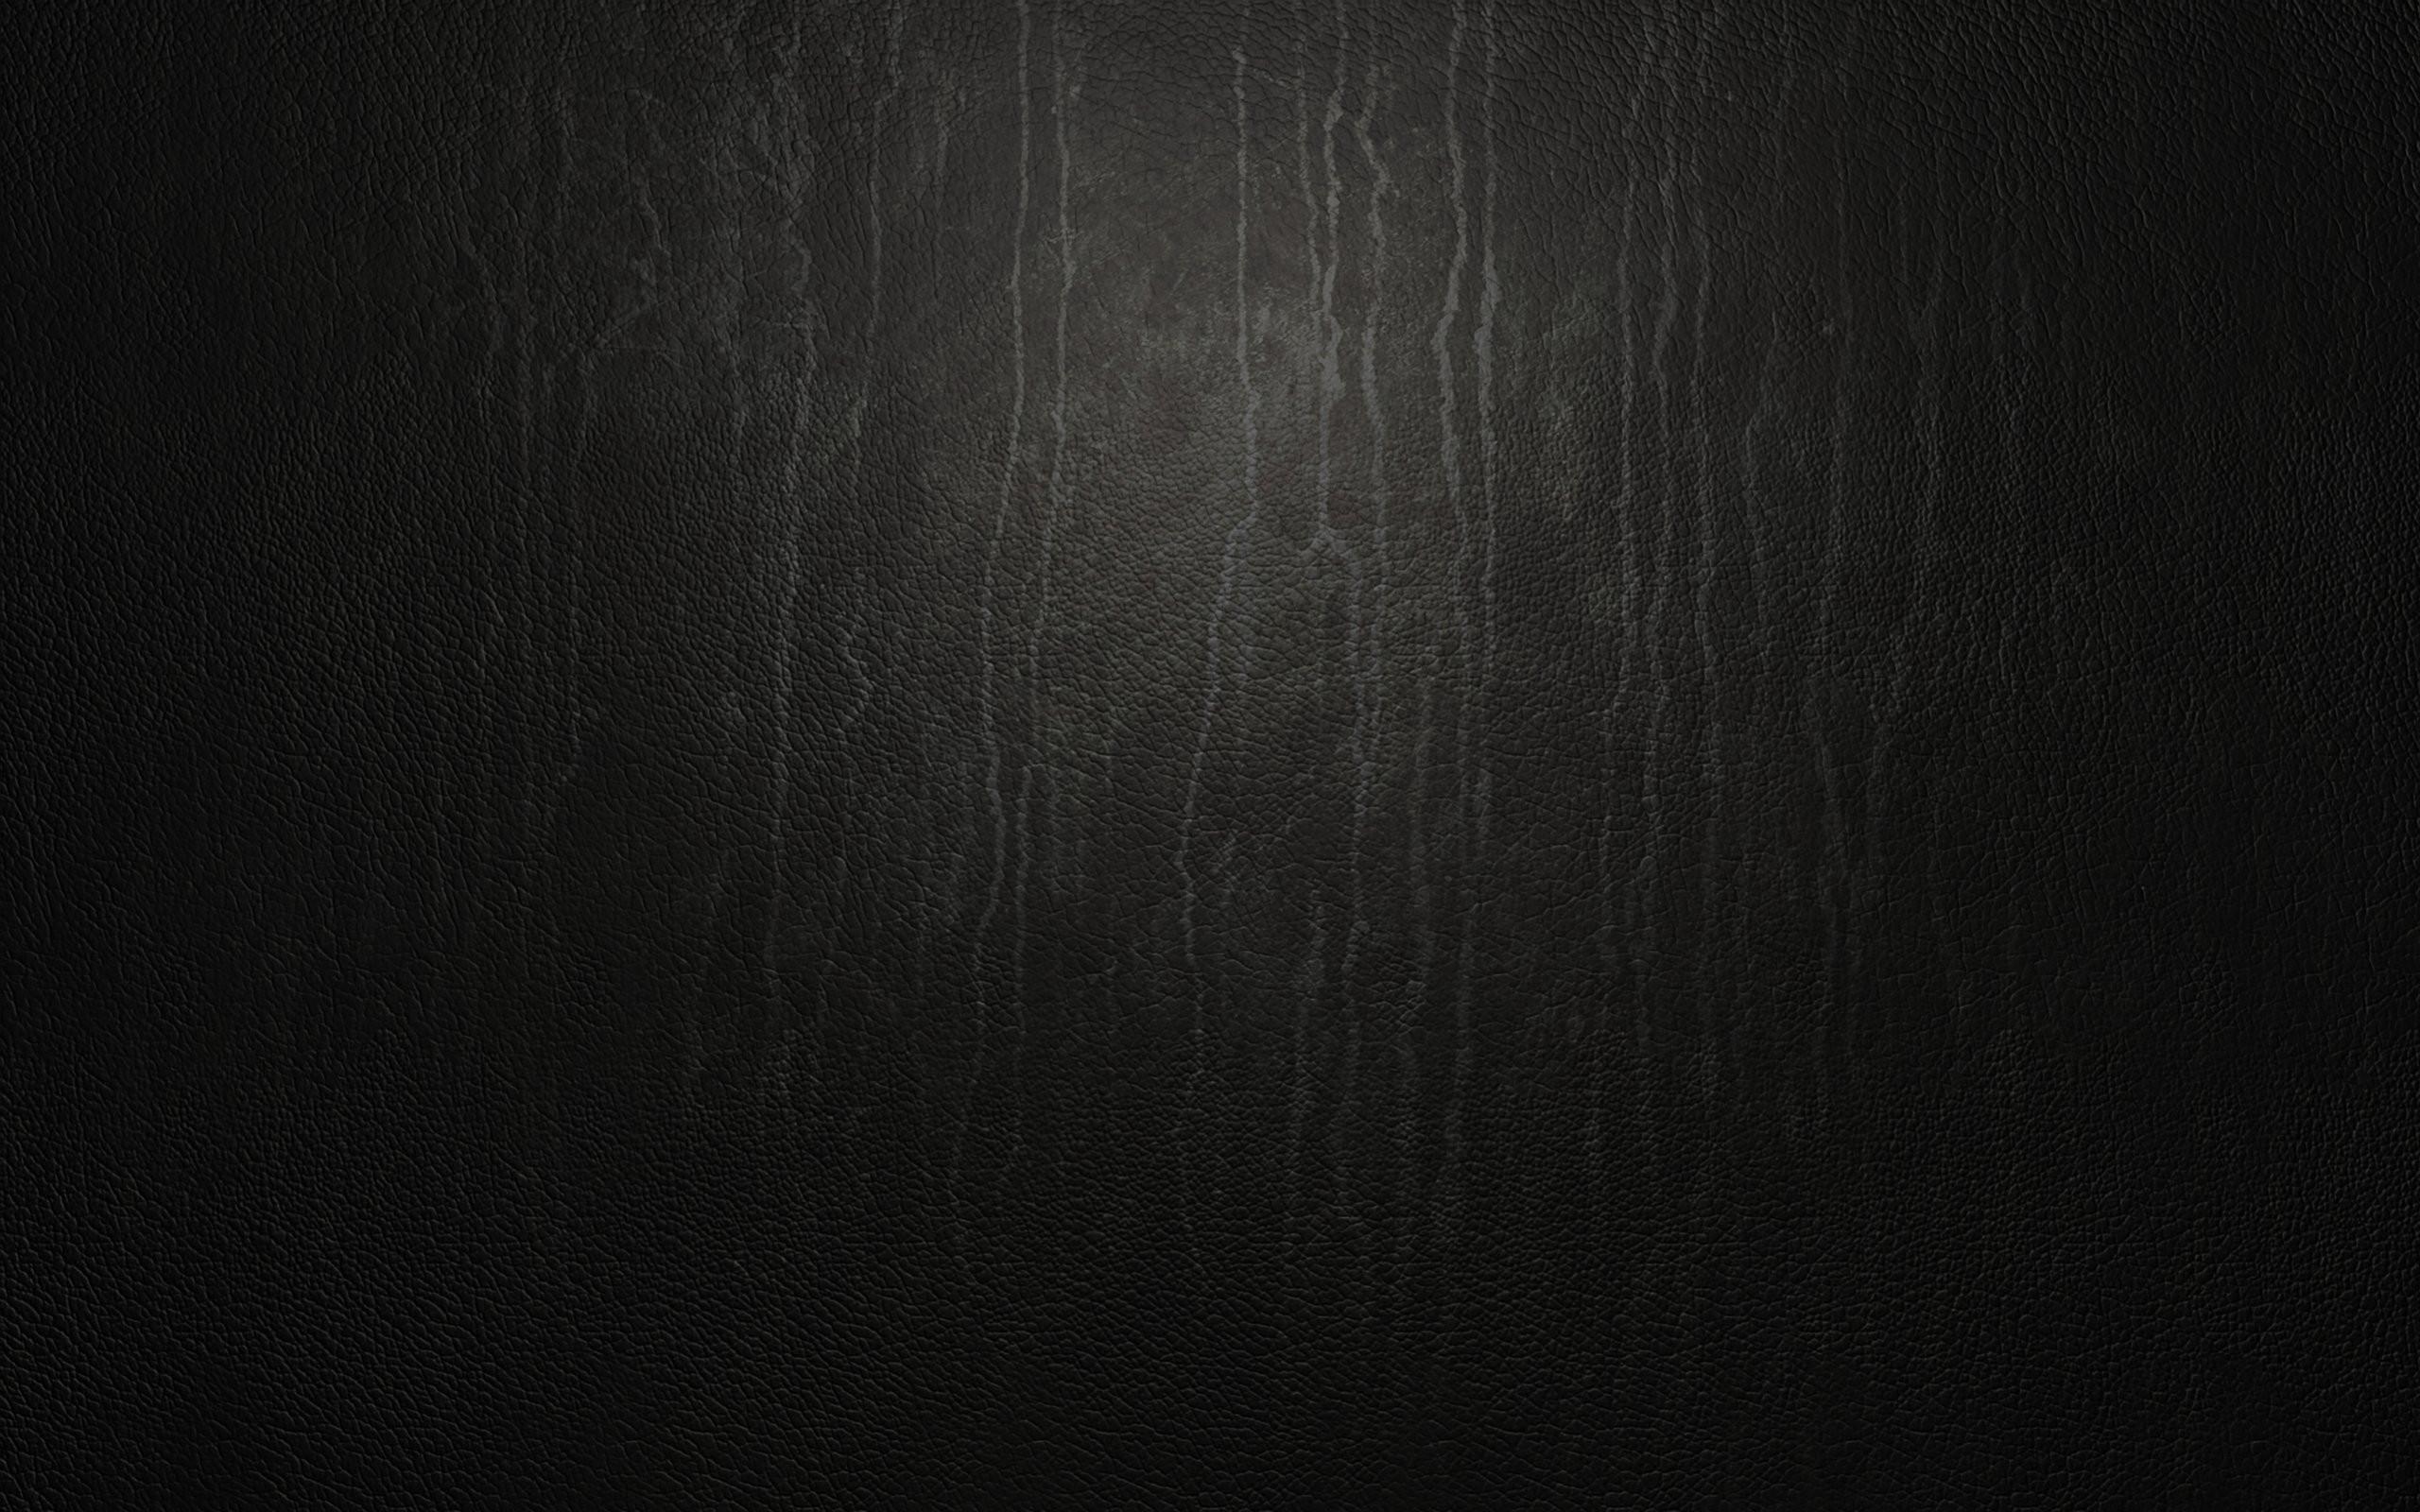 Dark Wallpaper on